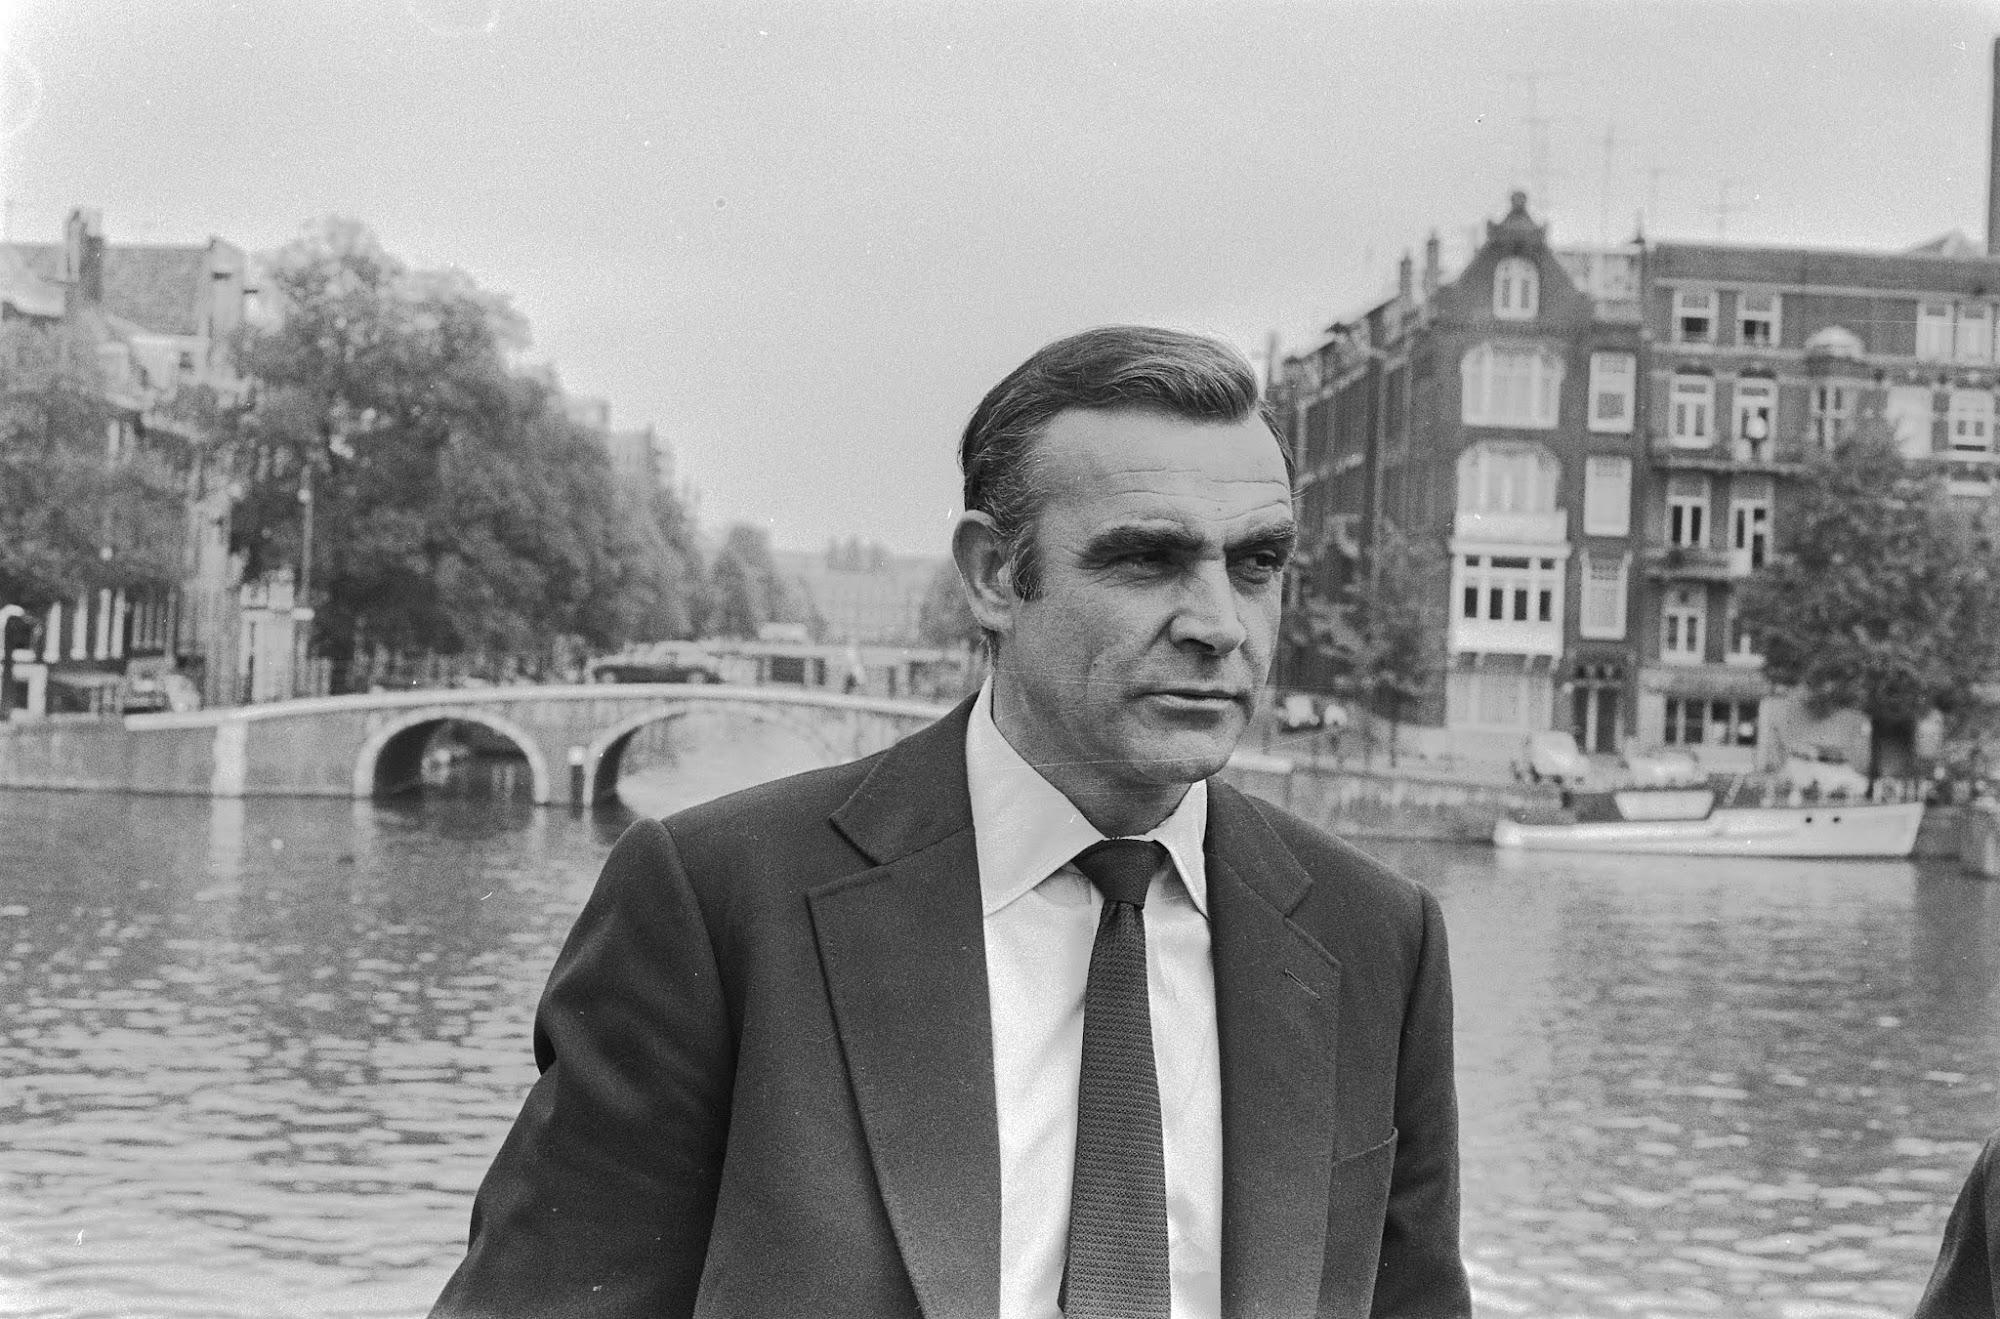 Die ersten 19 James-Bond-Filme sind jetzt auf YouTube frei zugänglich | VPN vorausgesetzt